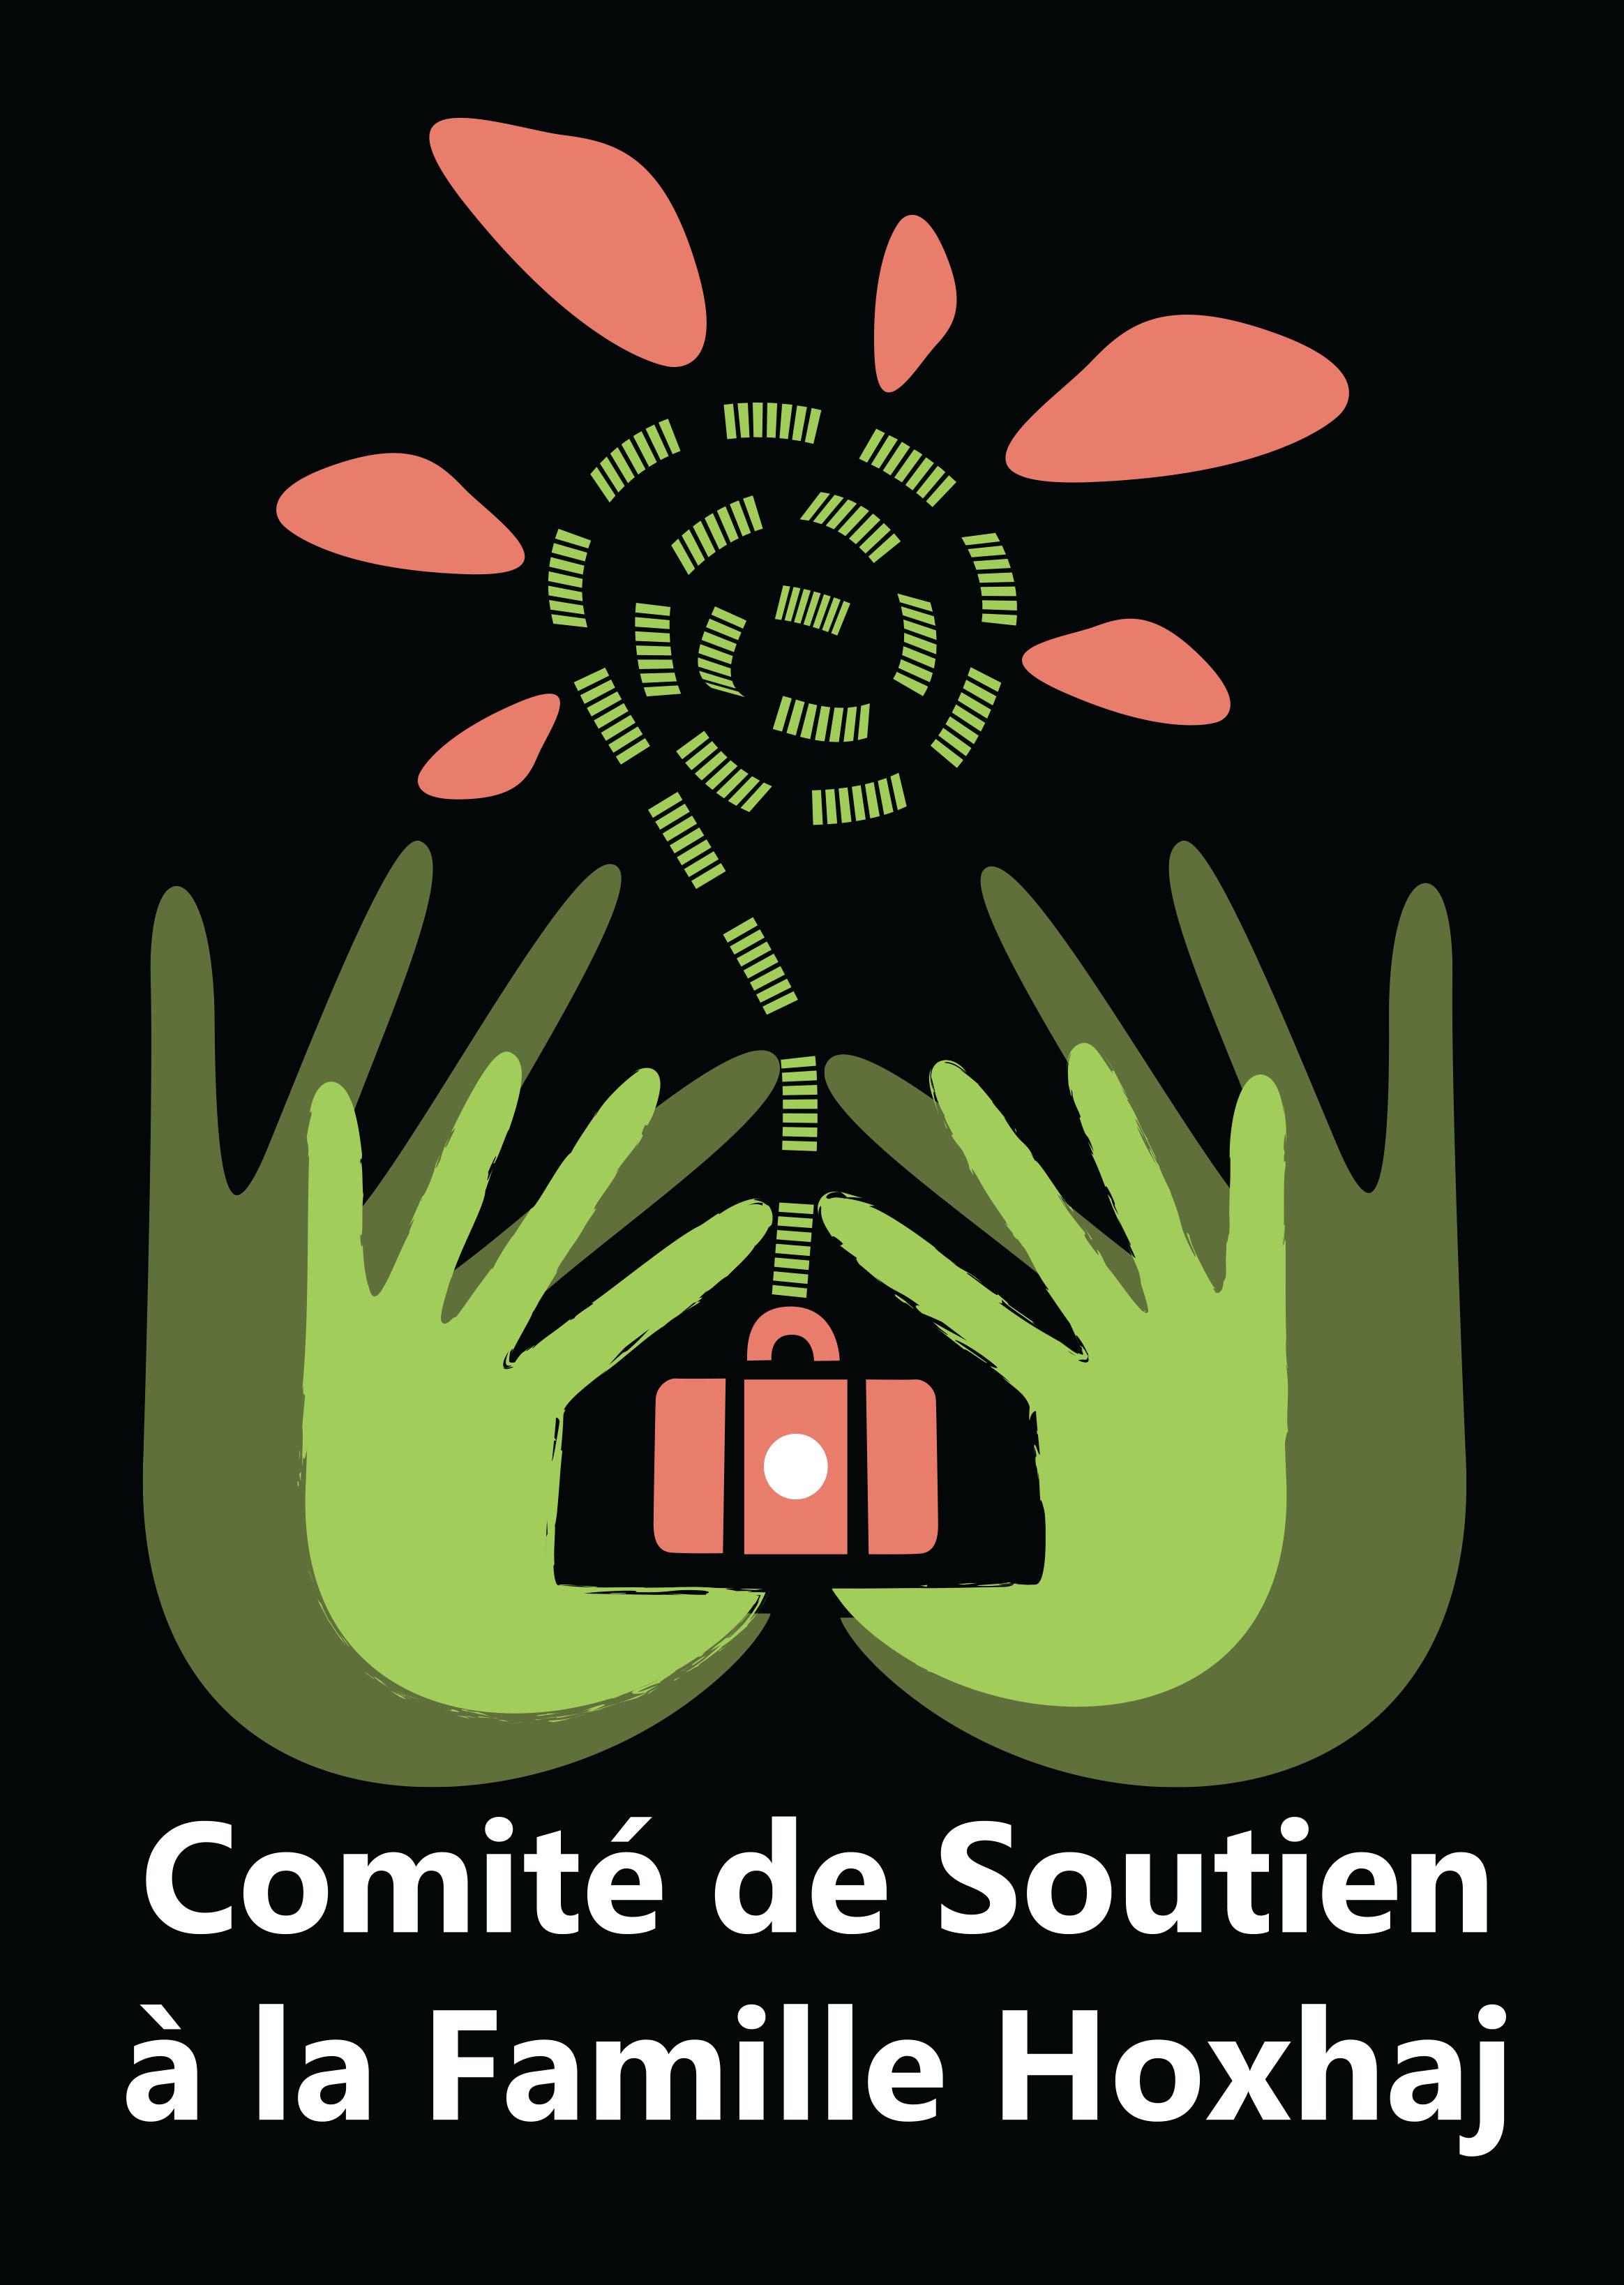 logo comite de soutien a la famille Hoxhaj